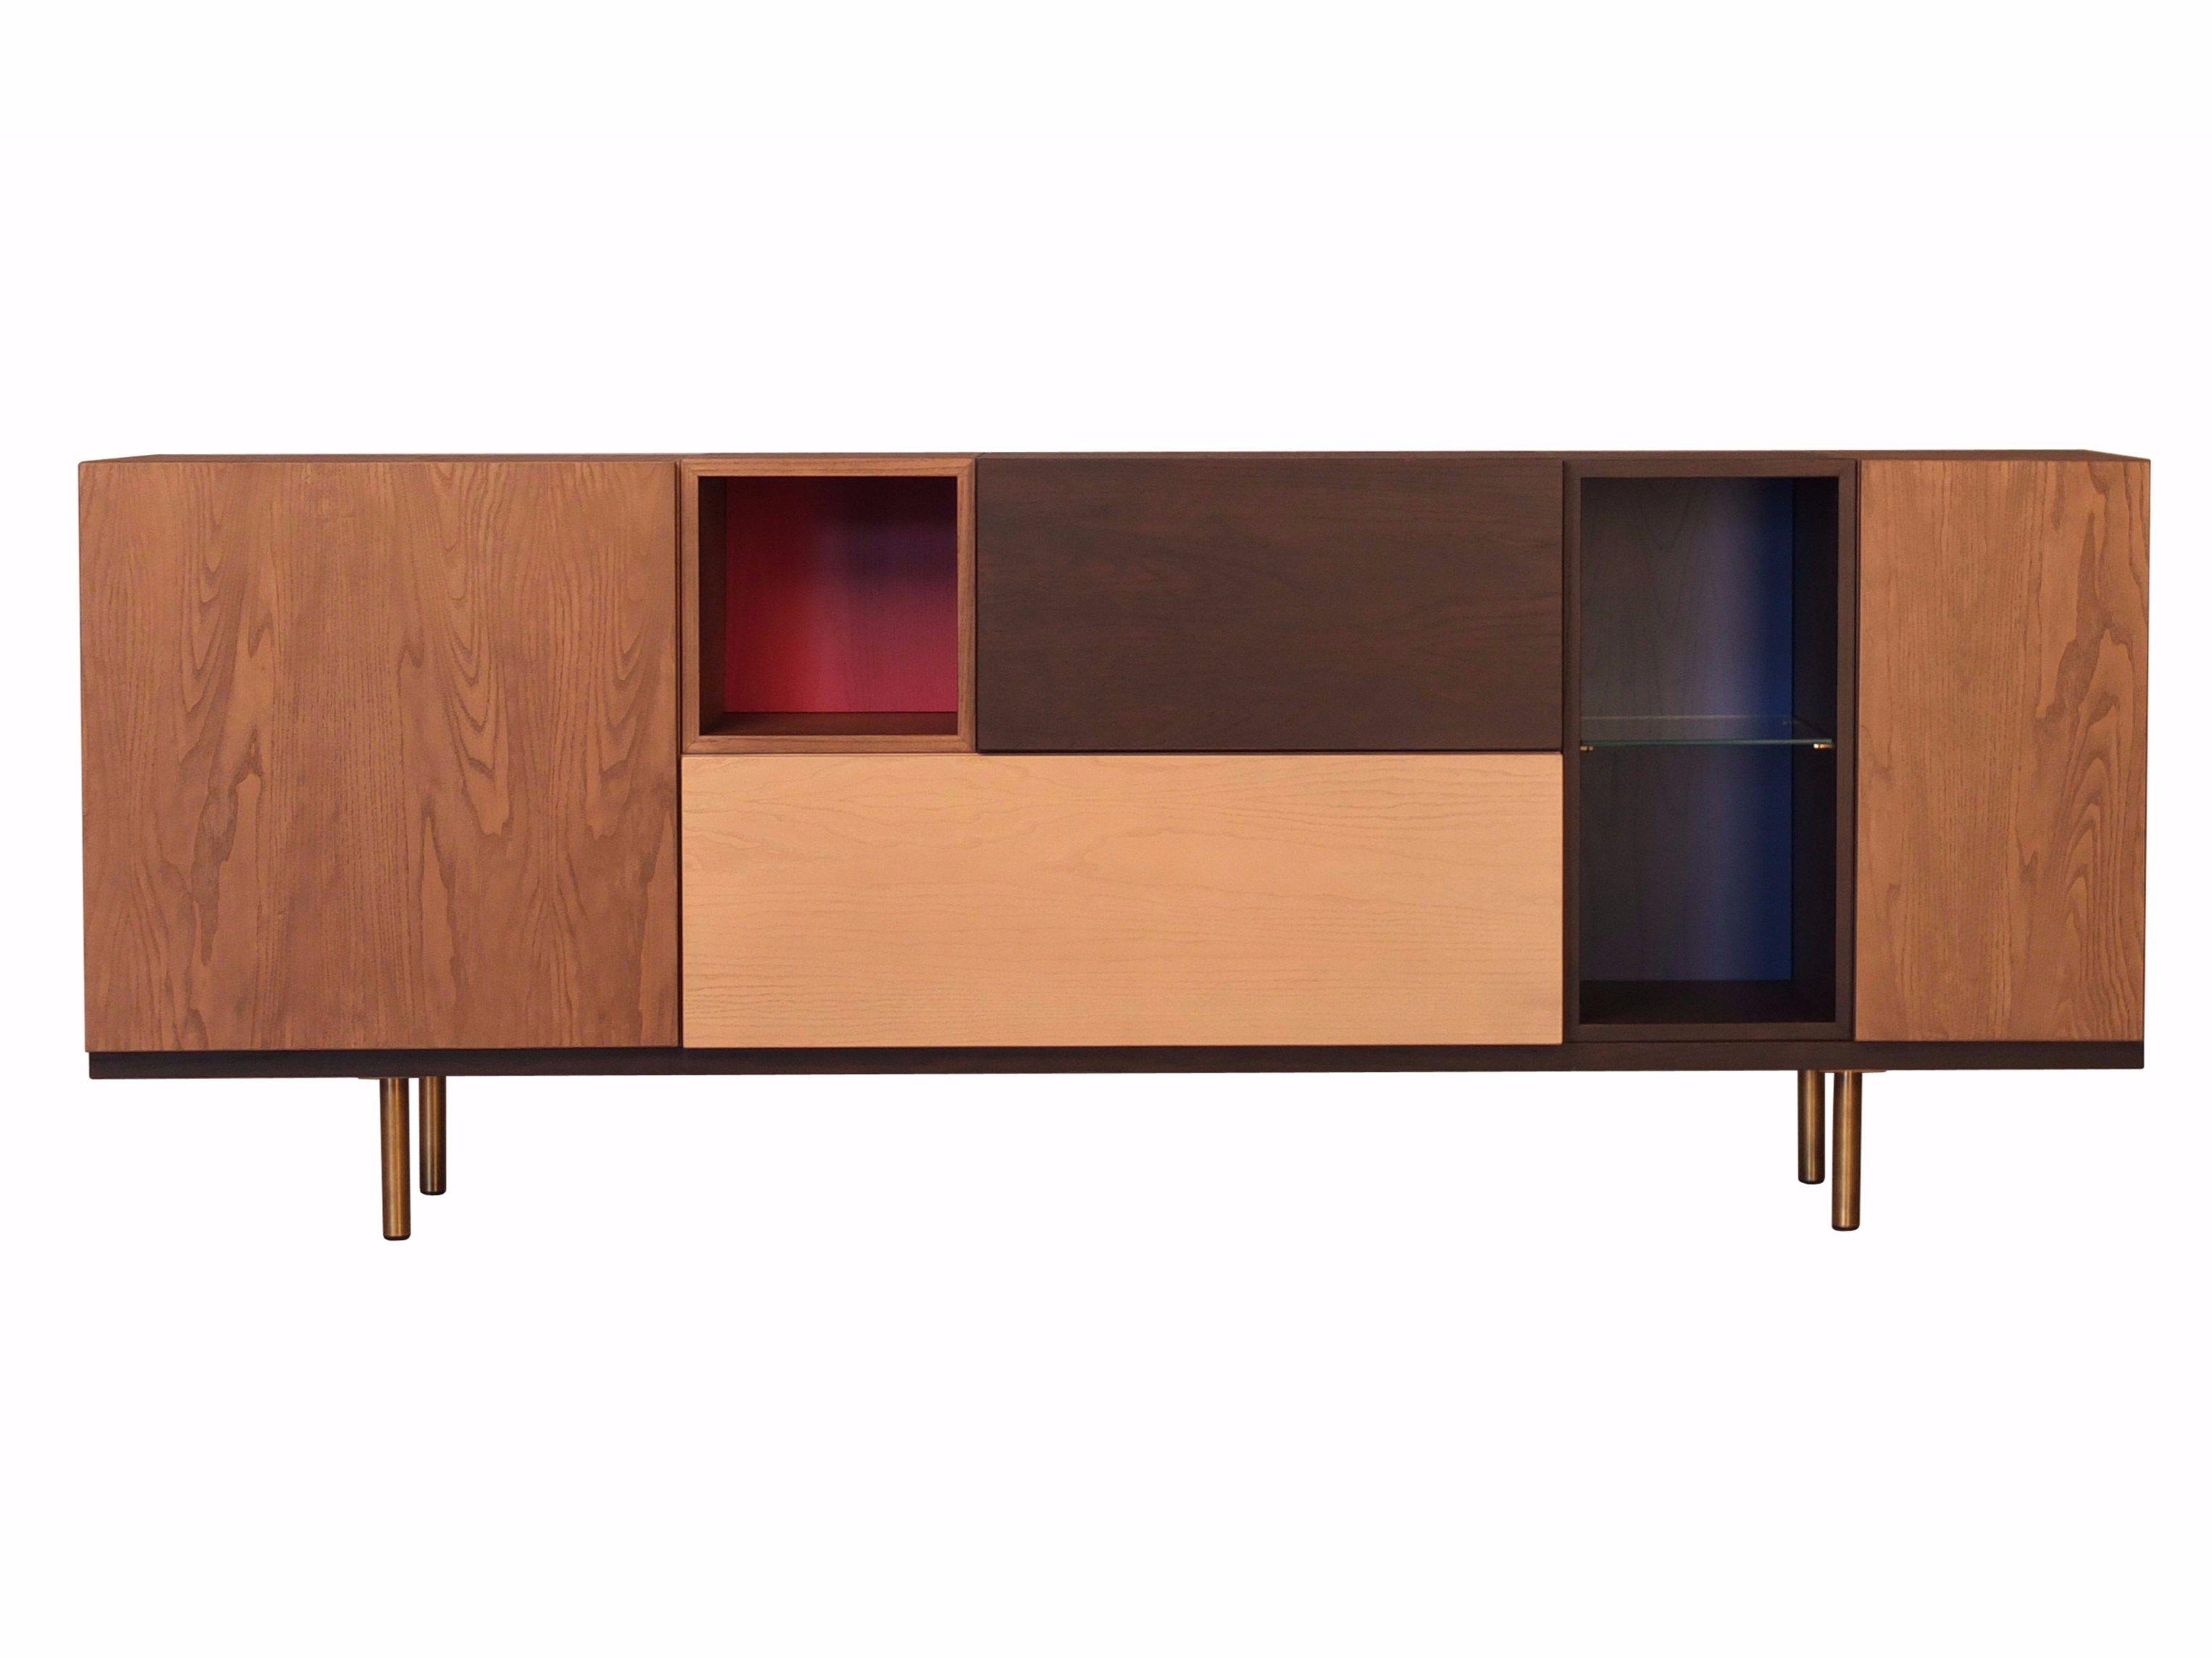 Swing madia by morelato design centro ricerche maam - Morelato mobili ...